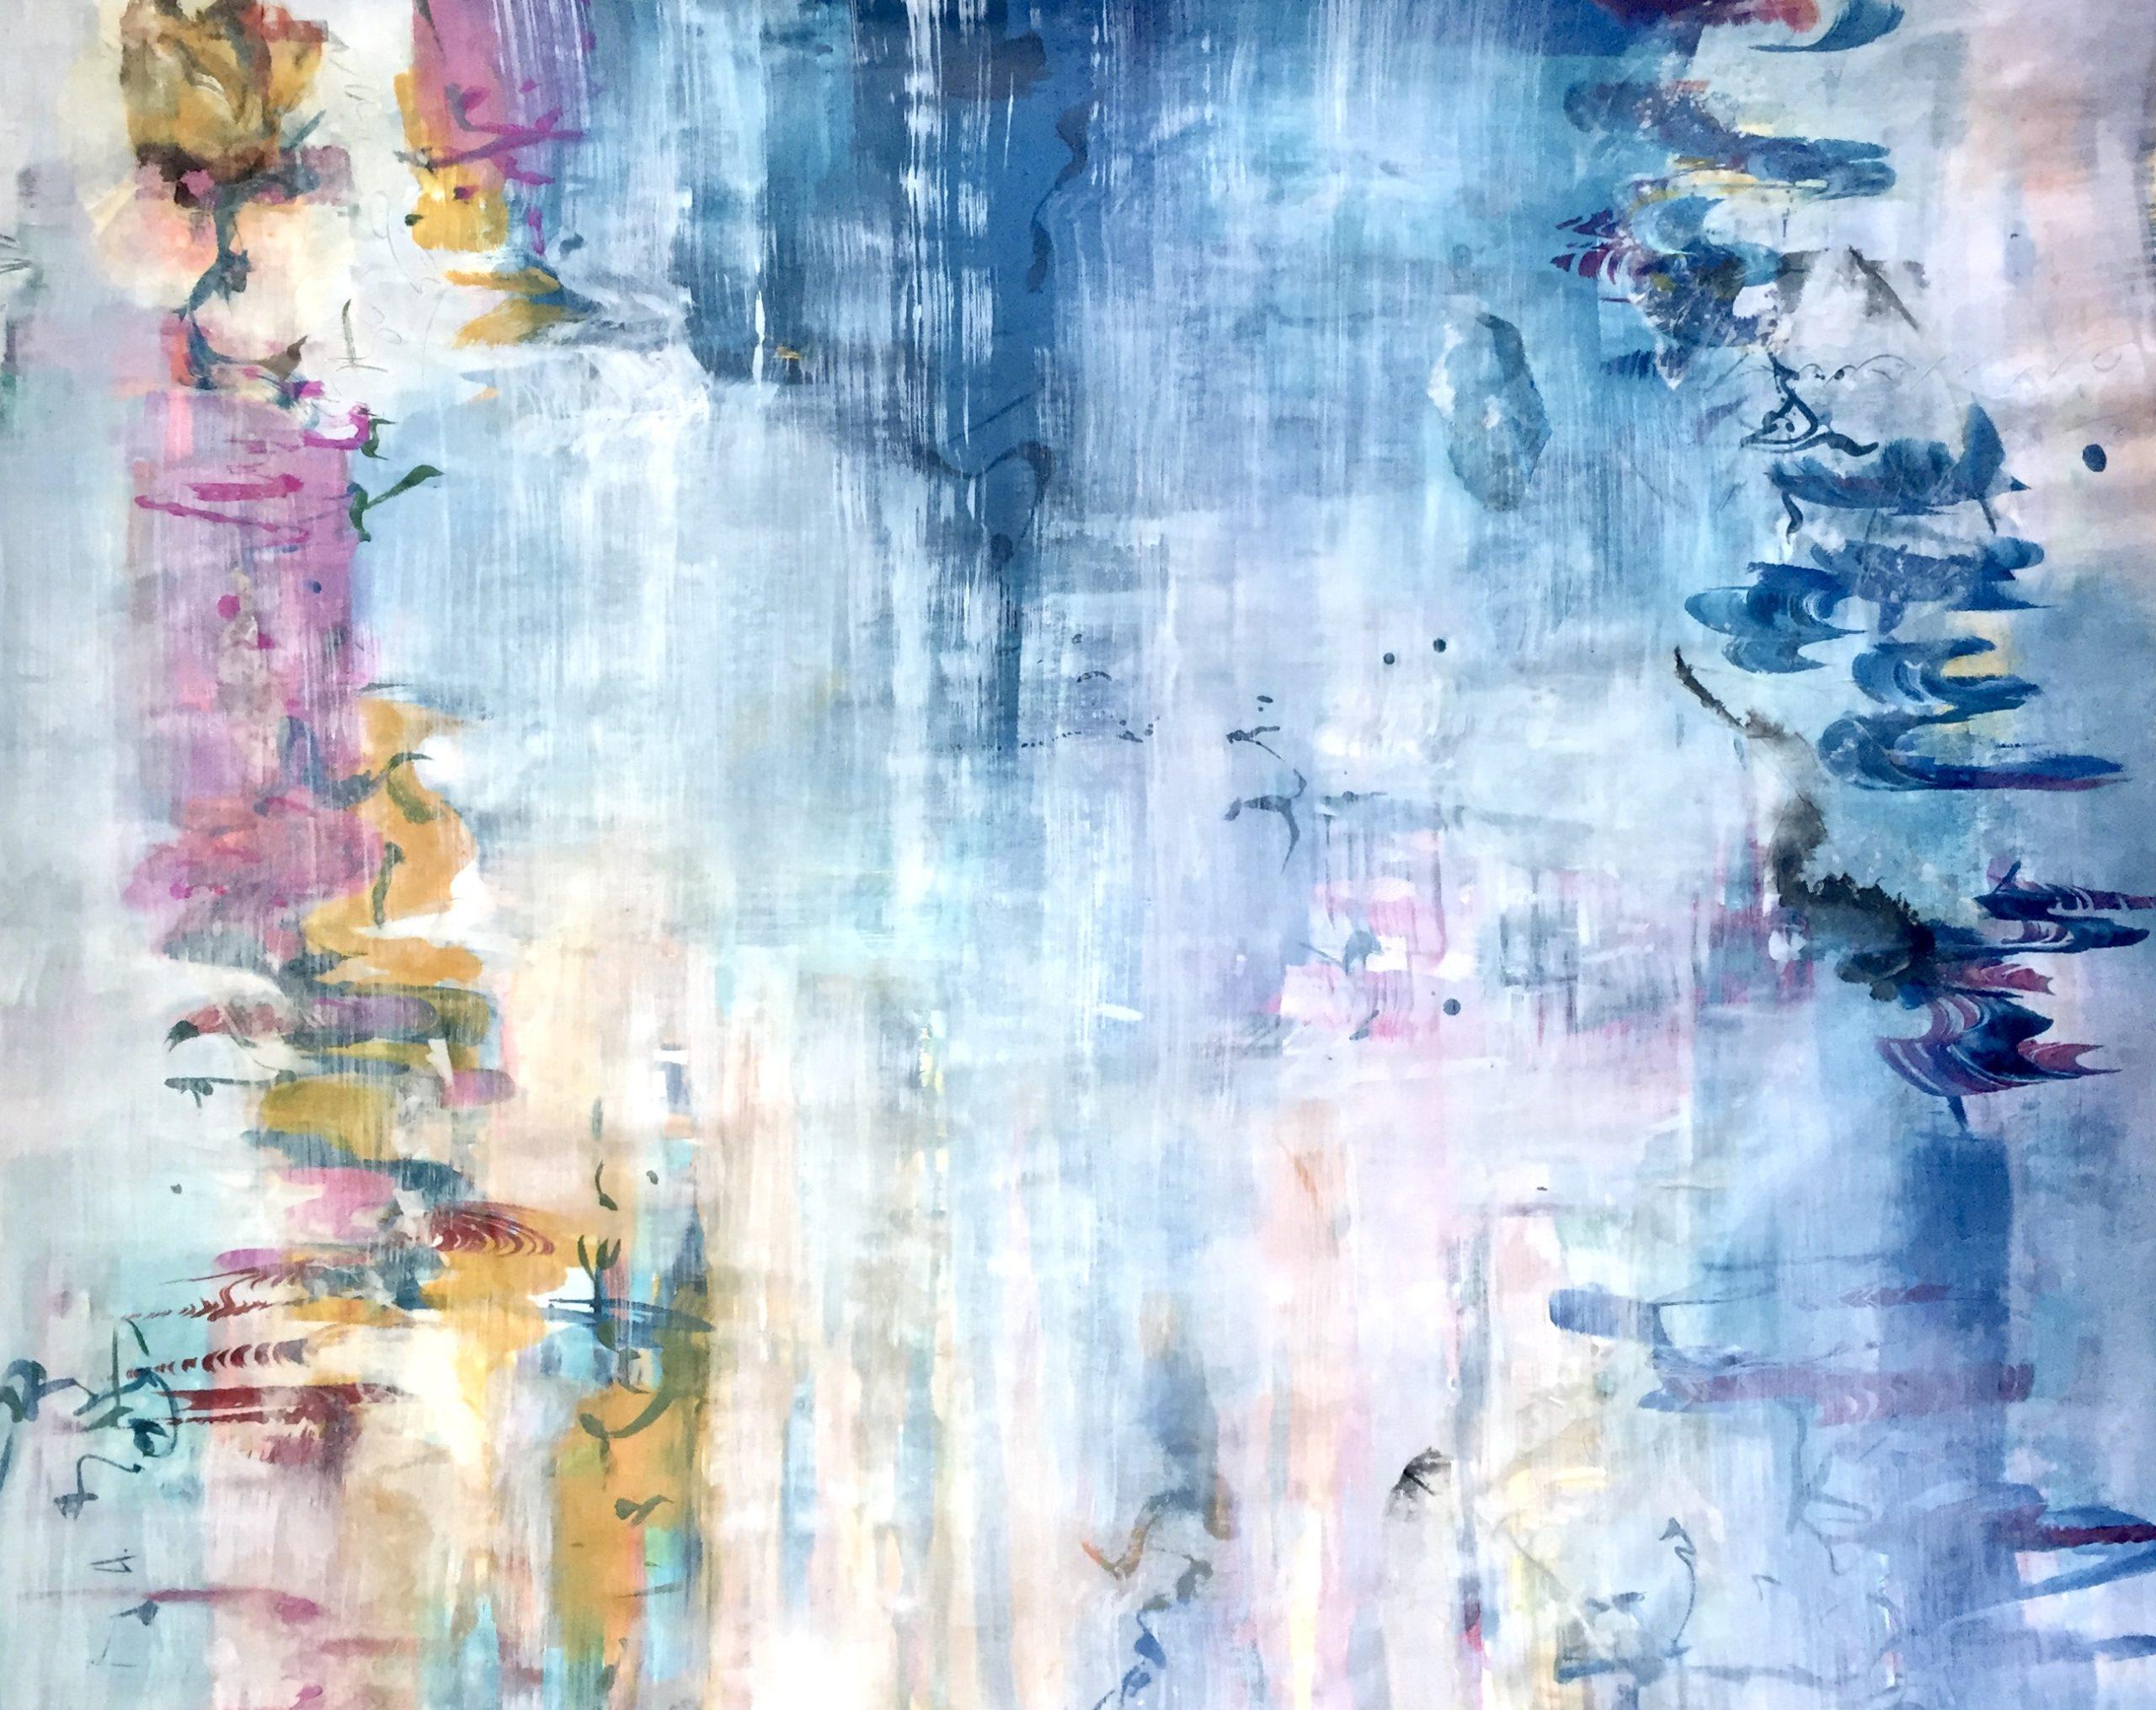 Abstrakti sinisävyinen iso maalaus. Aiheena on vesi.